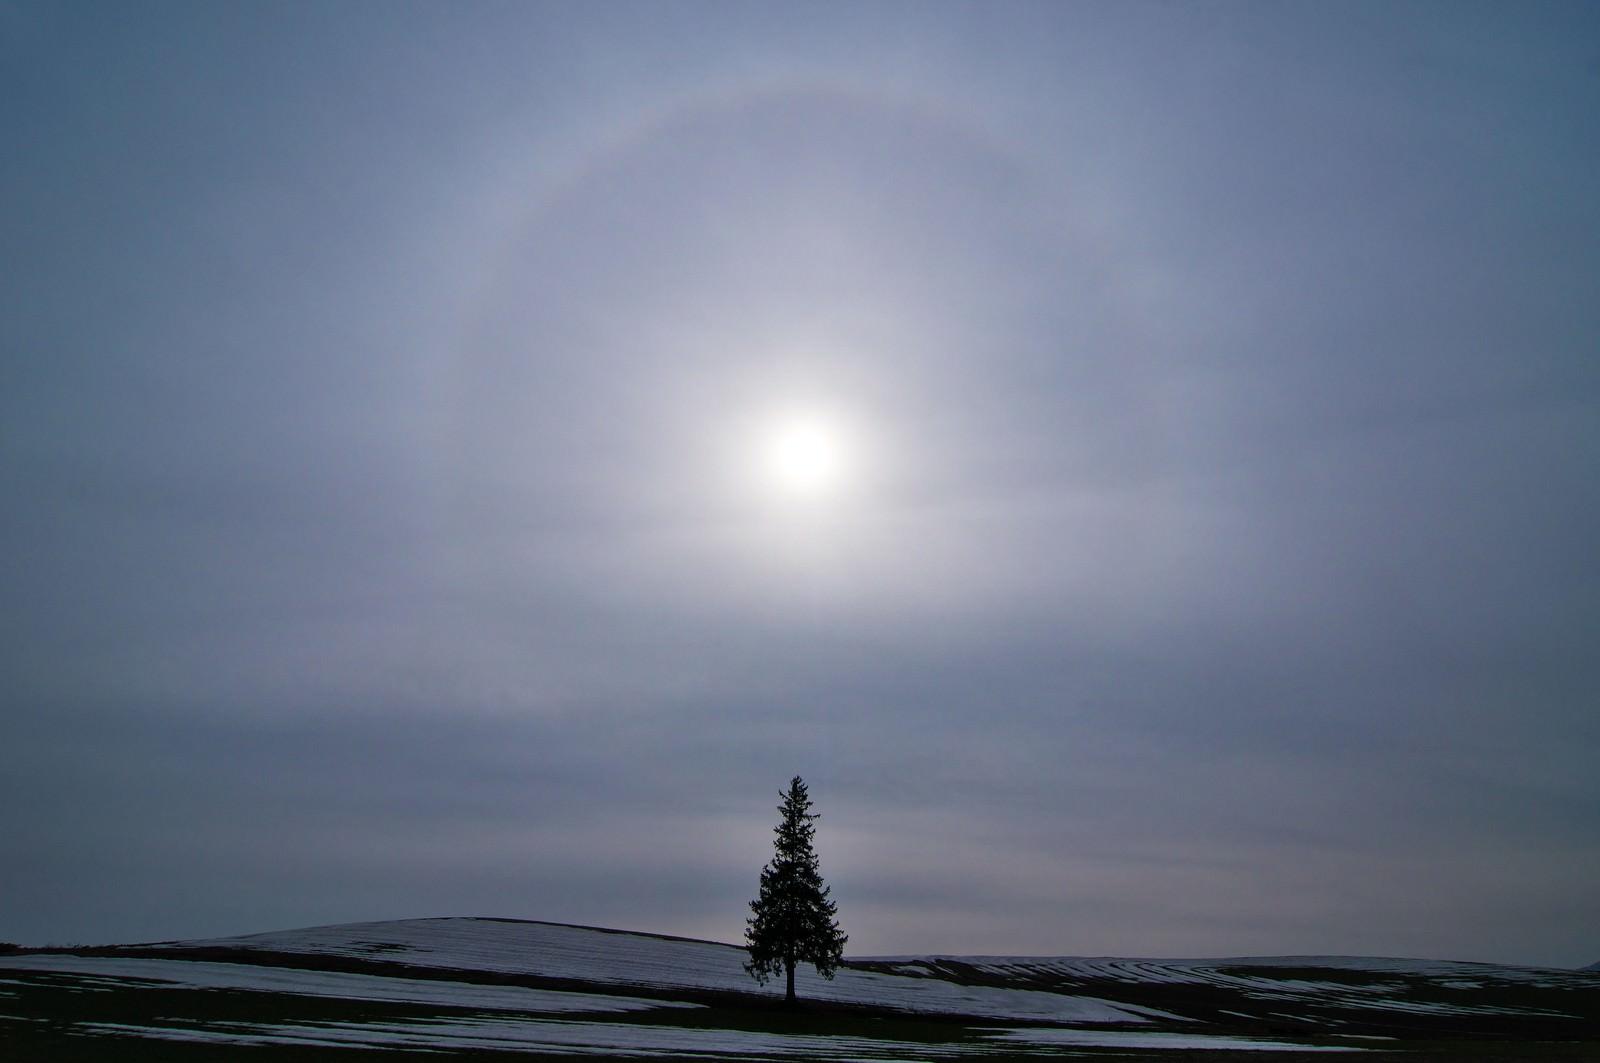 「美しい自然現象「日輪」と美瑛の一本の木」の写真